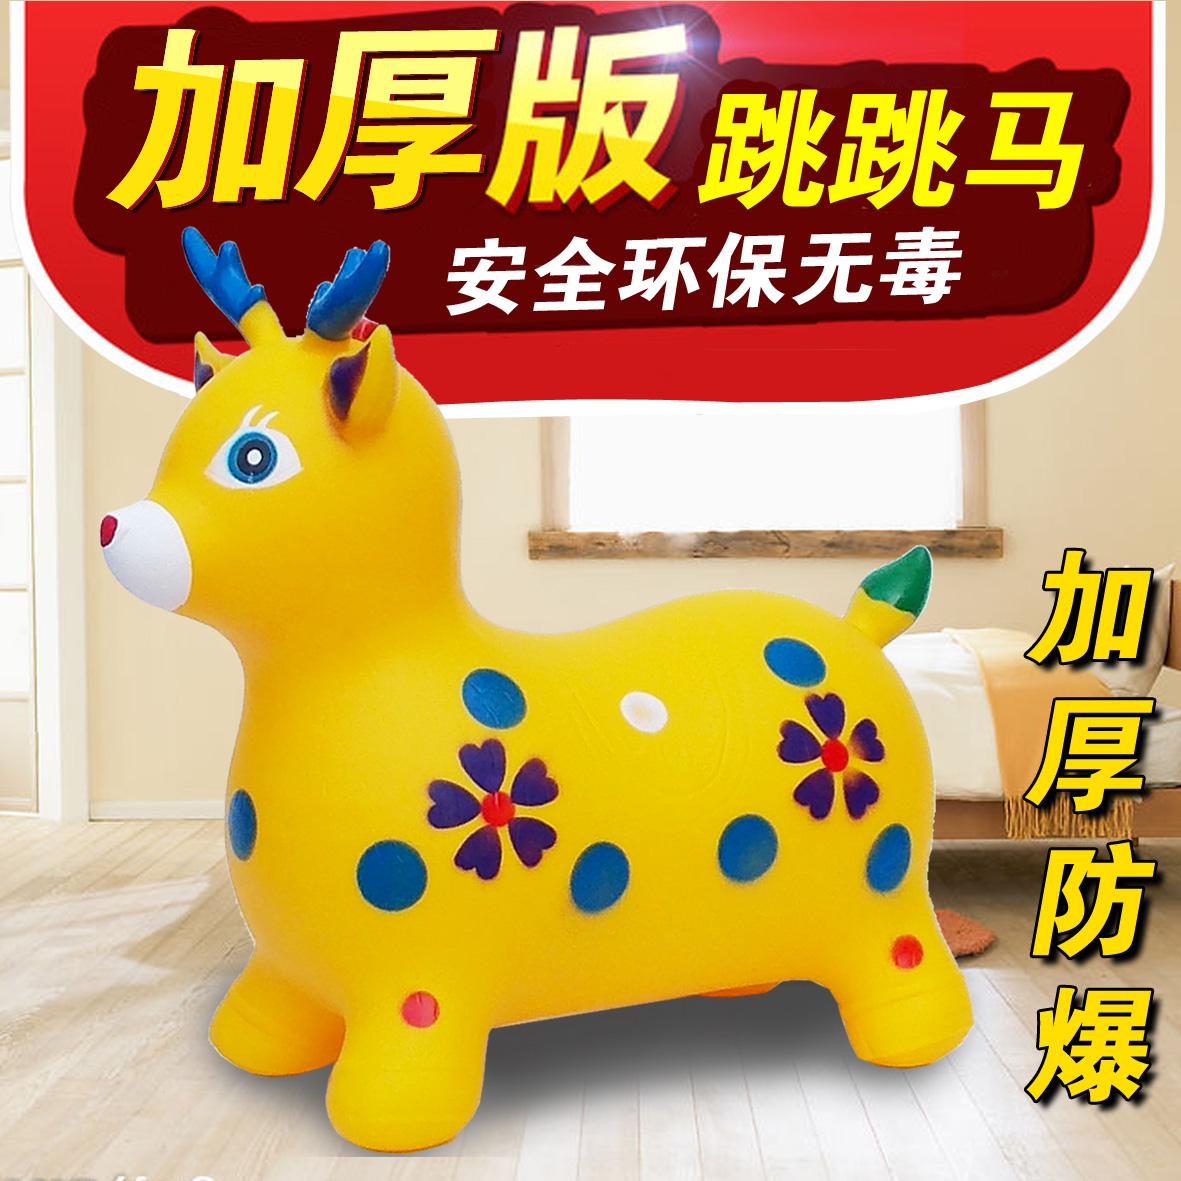 Ребенок прыгать лошадь сгущаться ребенок может сидеть поездка газированный животное корова неядовитый охрана окружающей среды окрашенный музыка олень ребенок игрушка